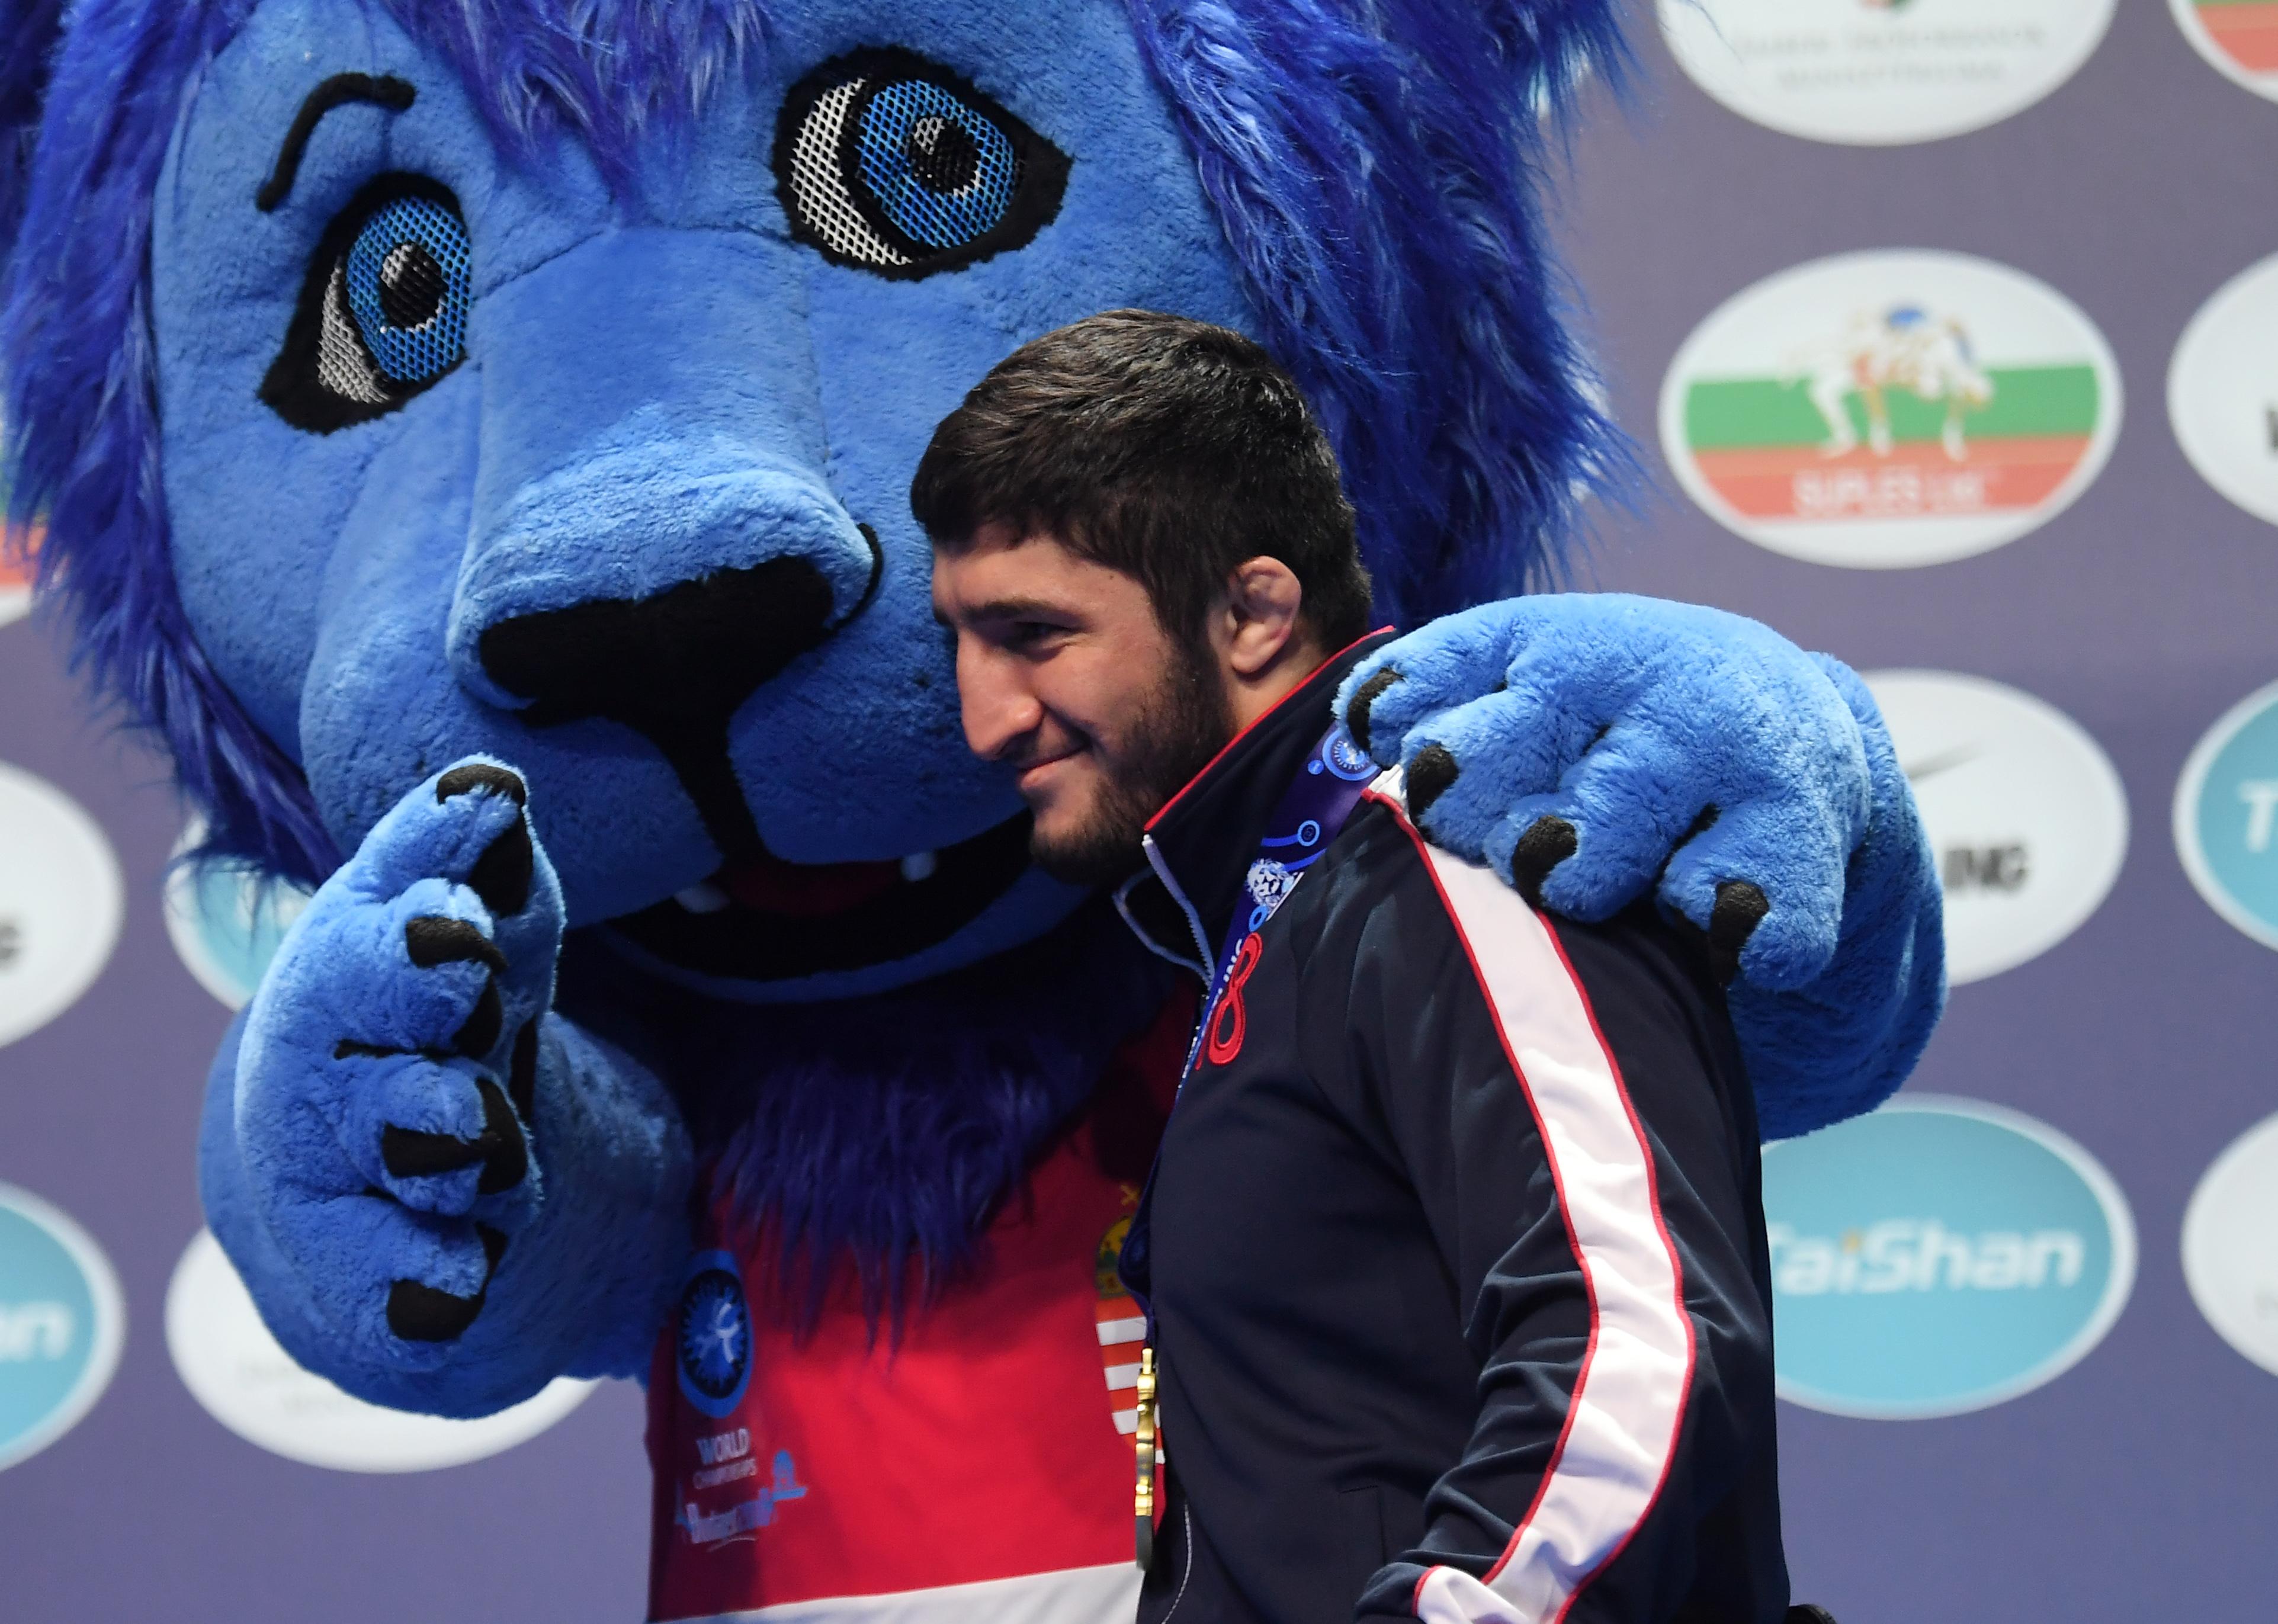 WRESTLING-WORLD Abdulrashid Sadulaev olympic wrestling